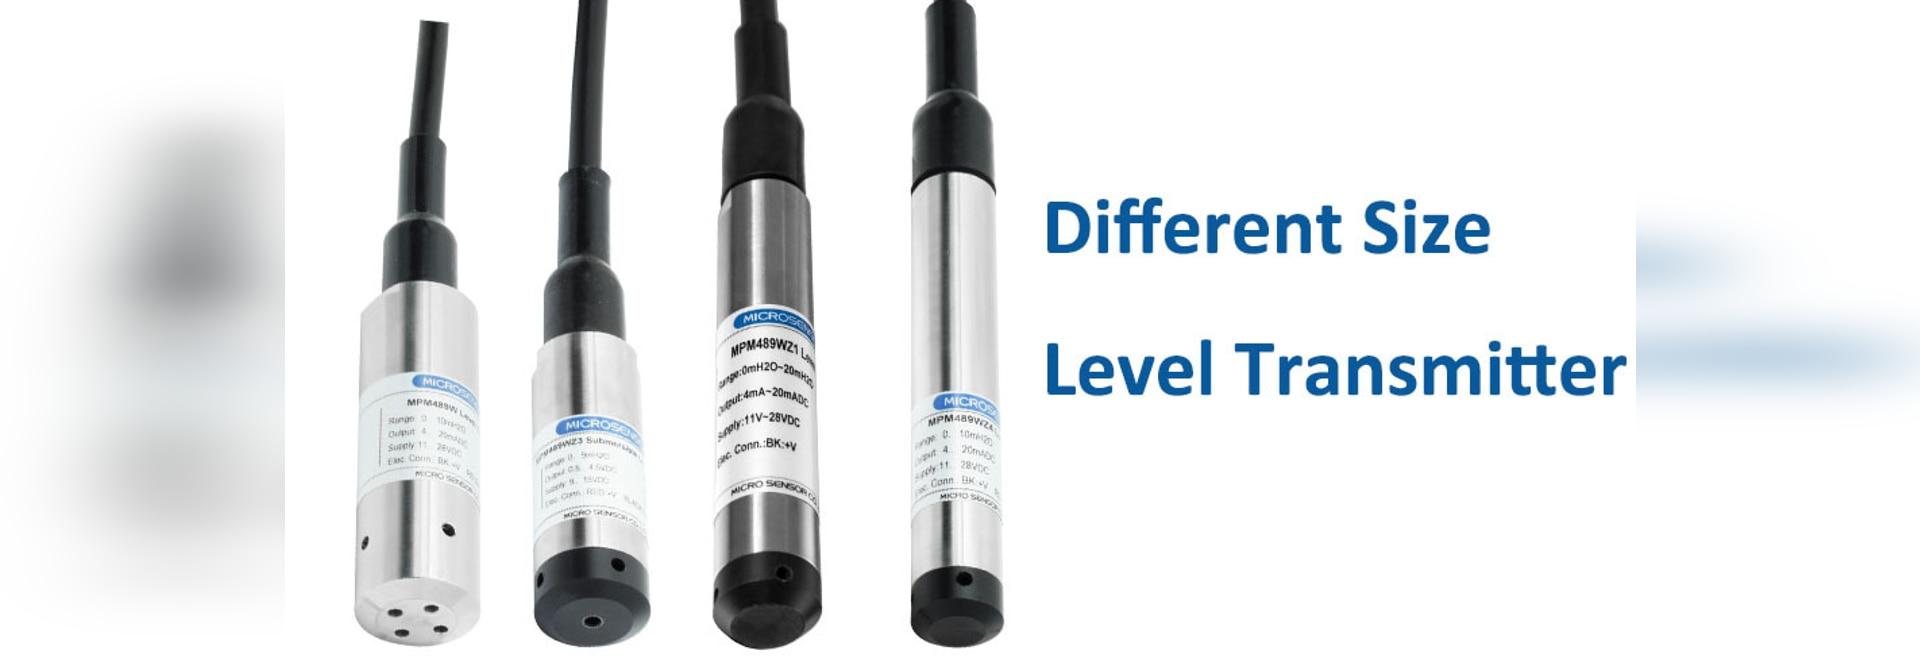 Émetteurs de niveau avec différents diamètres